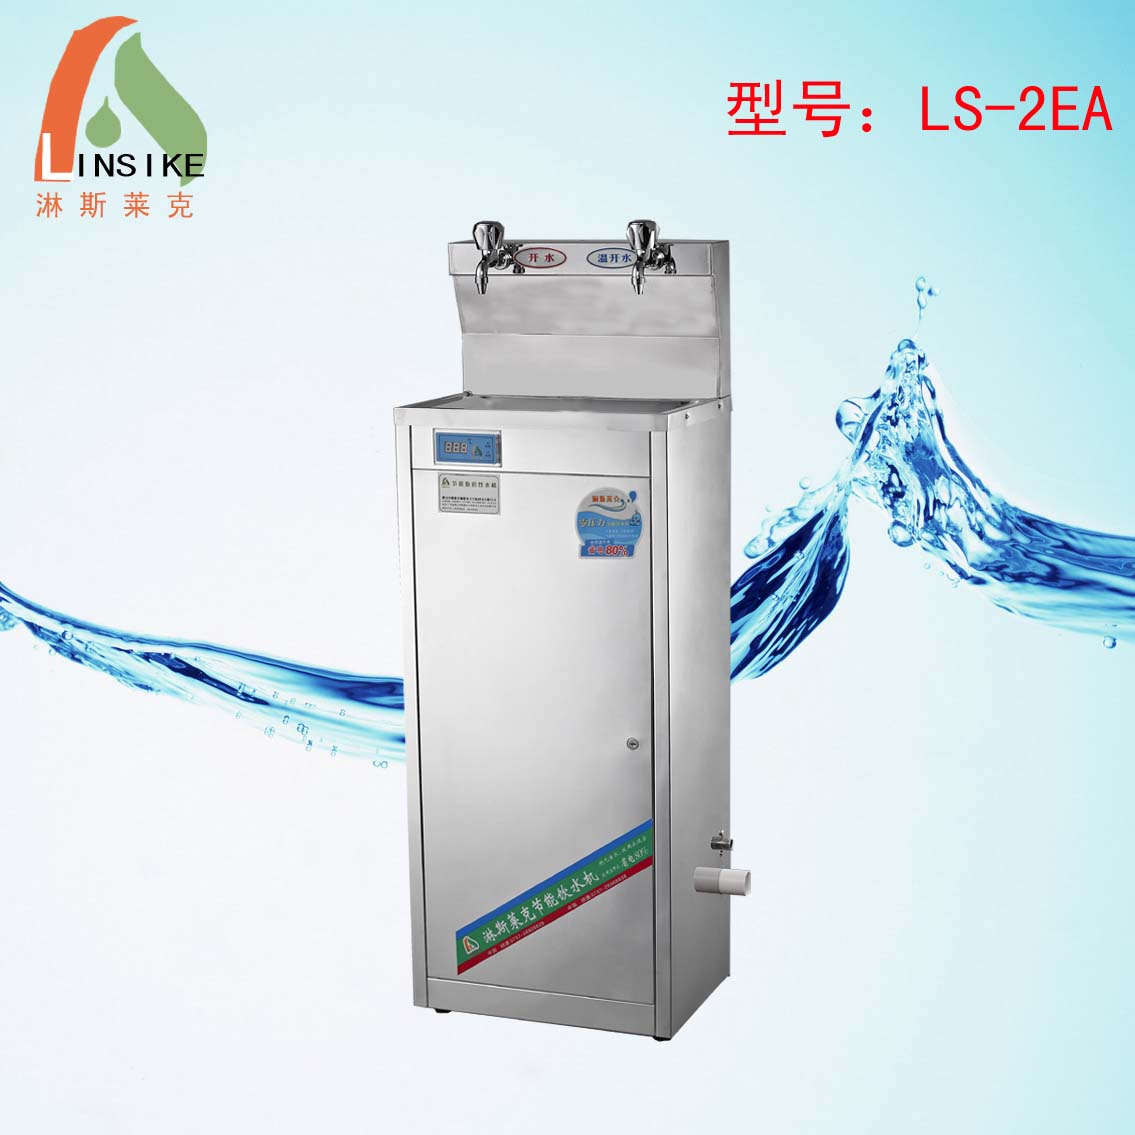 厂家直销淋斯莱克不锈钢节能饮水机